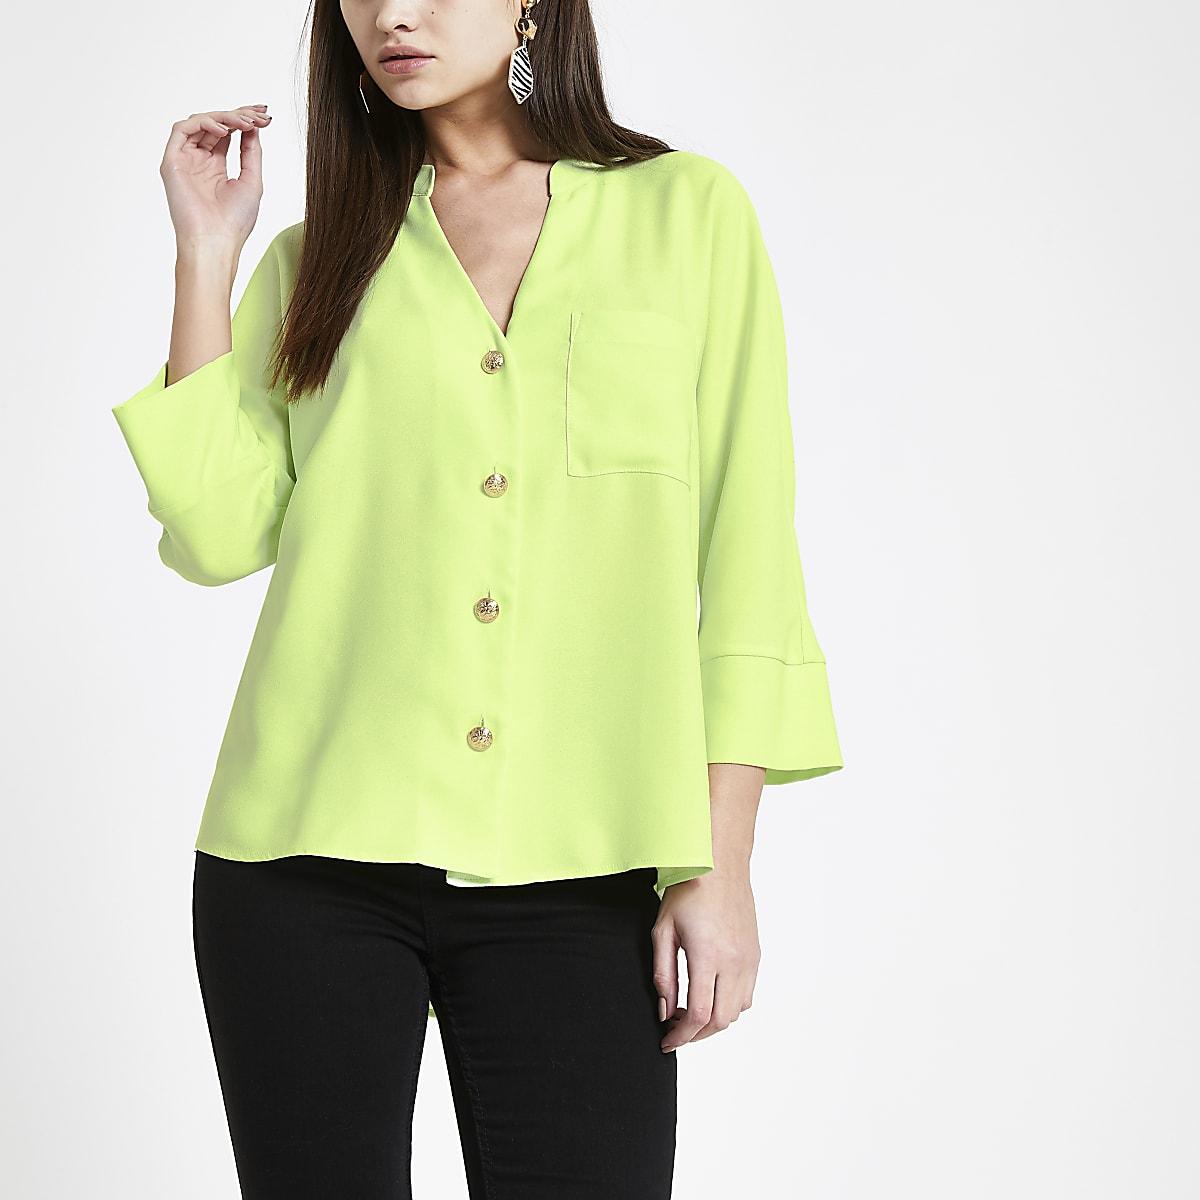 Limoengroen overhemd met lange mouwen